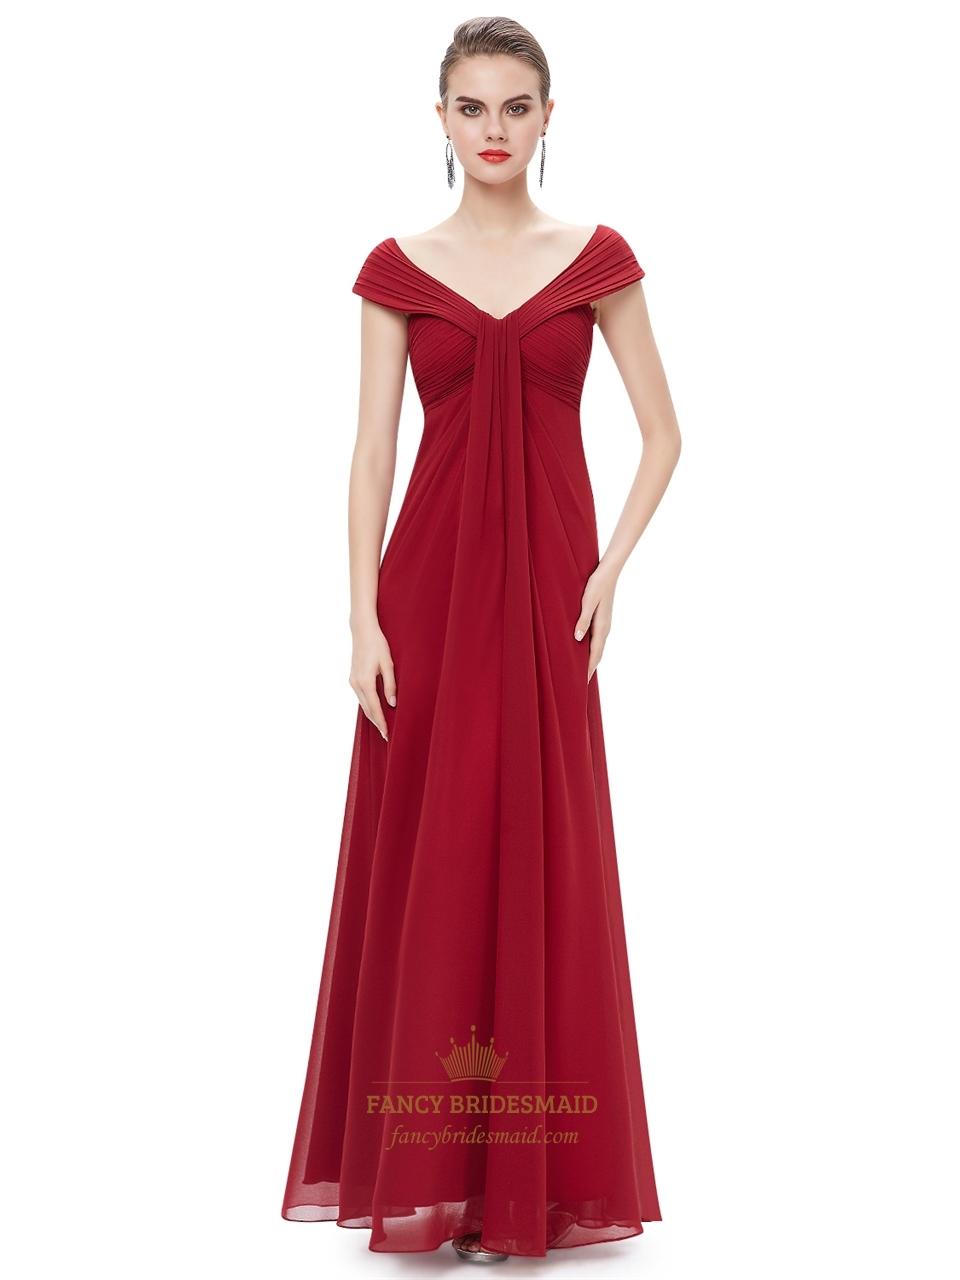 0ccc2fef340 Burgundy Flowy Chiffon Off The Shoulder Empire Waist Bridesmaid Dresses SKU  -NW1207